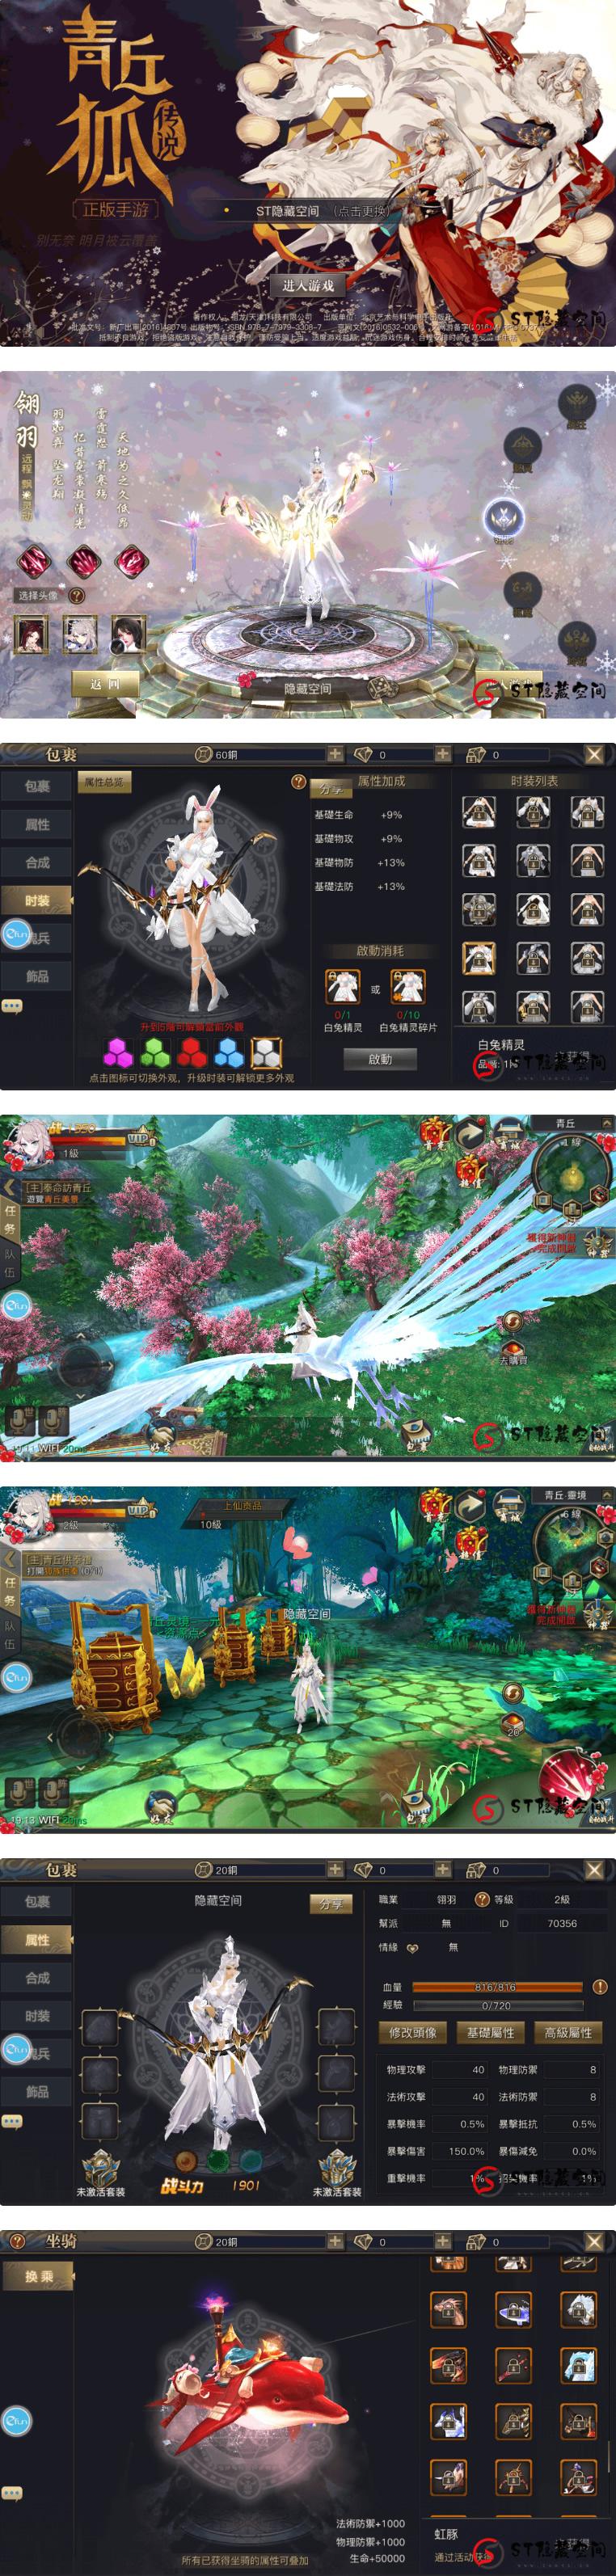 官方最新版青丘狐私服游戏源码 带双端APP+视频搭建教程-爱资源分享